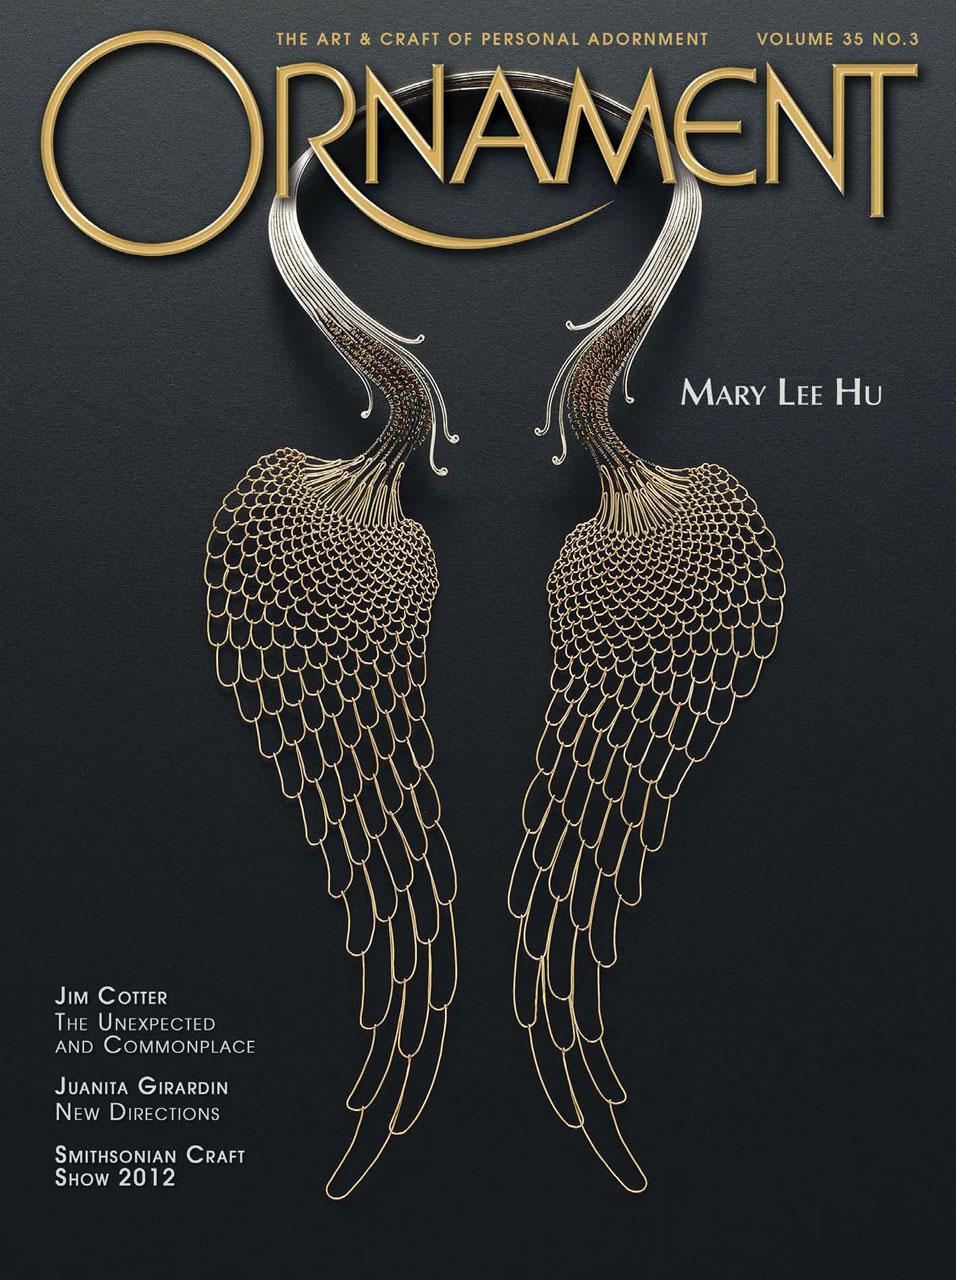 Orn35_3_Cover.jpg